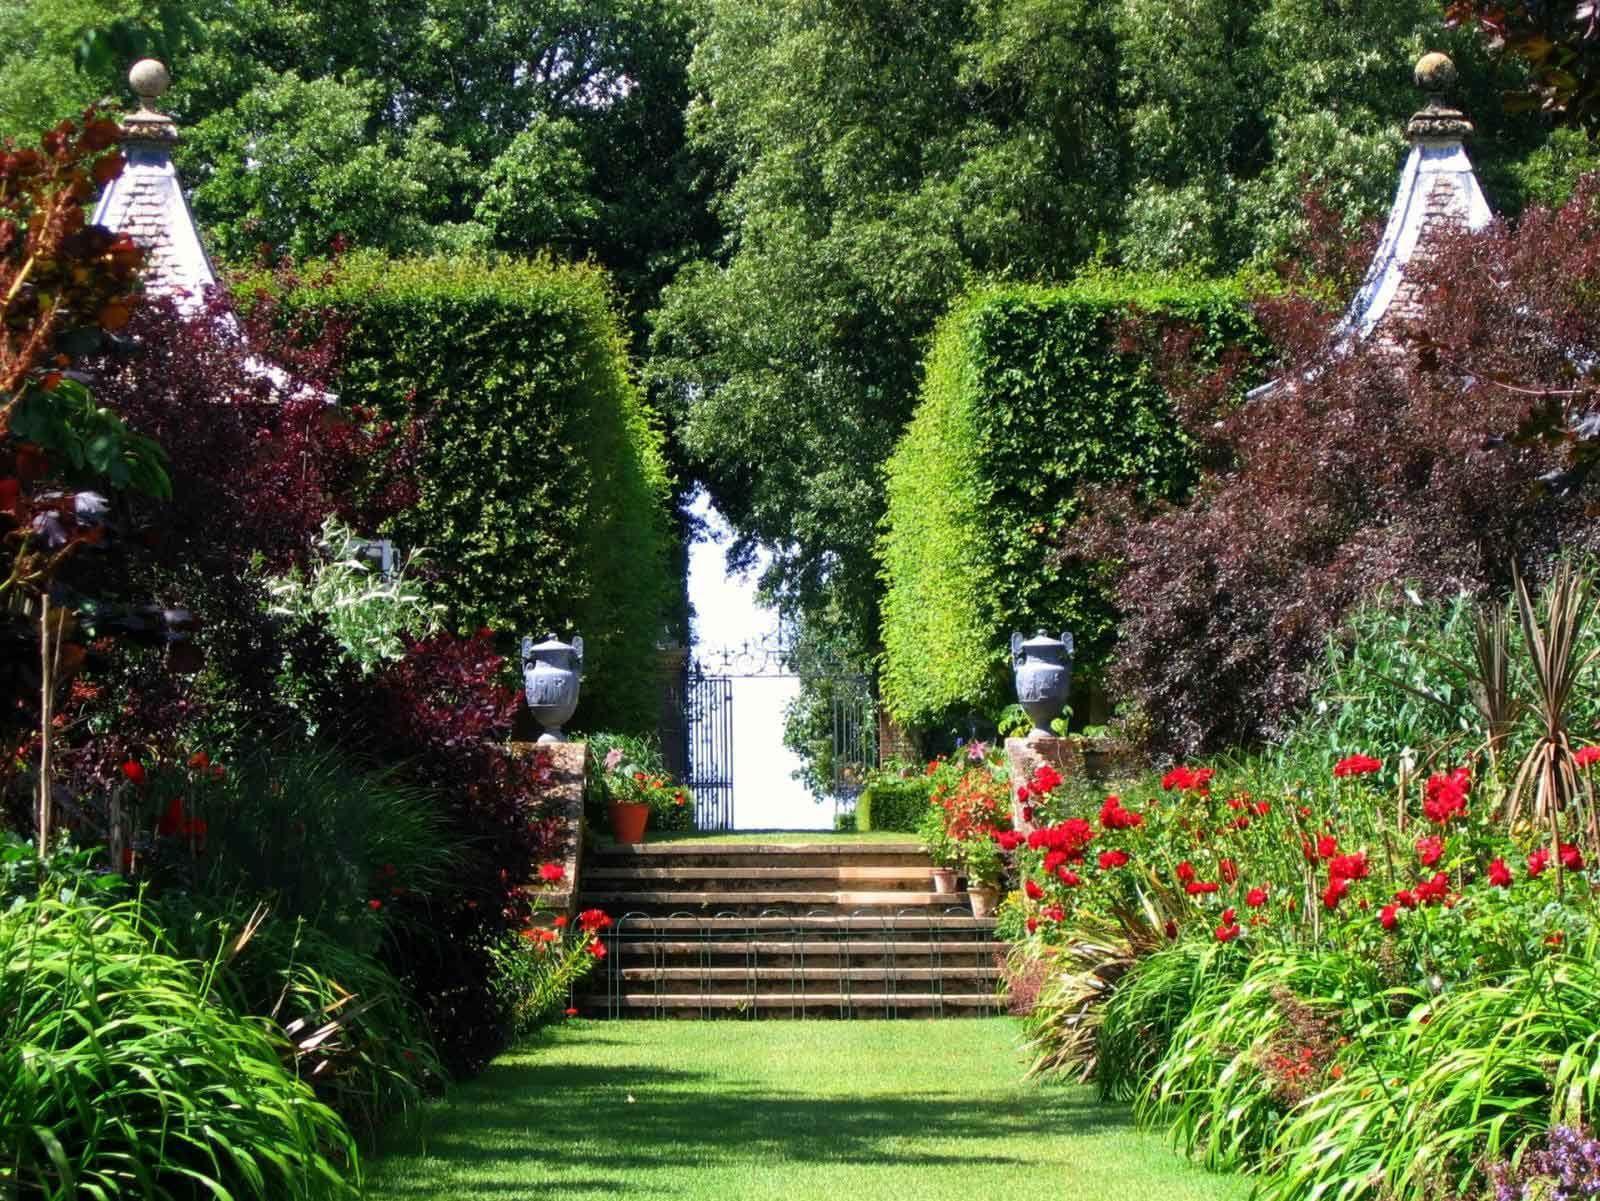 Fondos de escritorio con las mejores fotos de paisajes de for Fotos de jardines